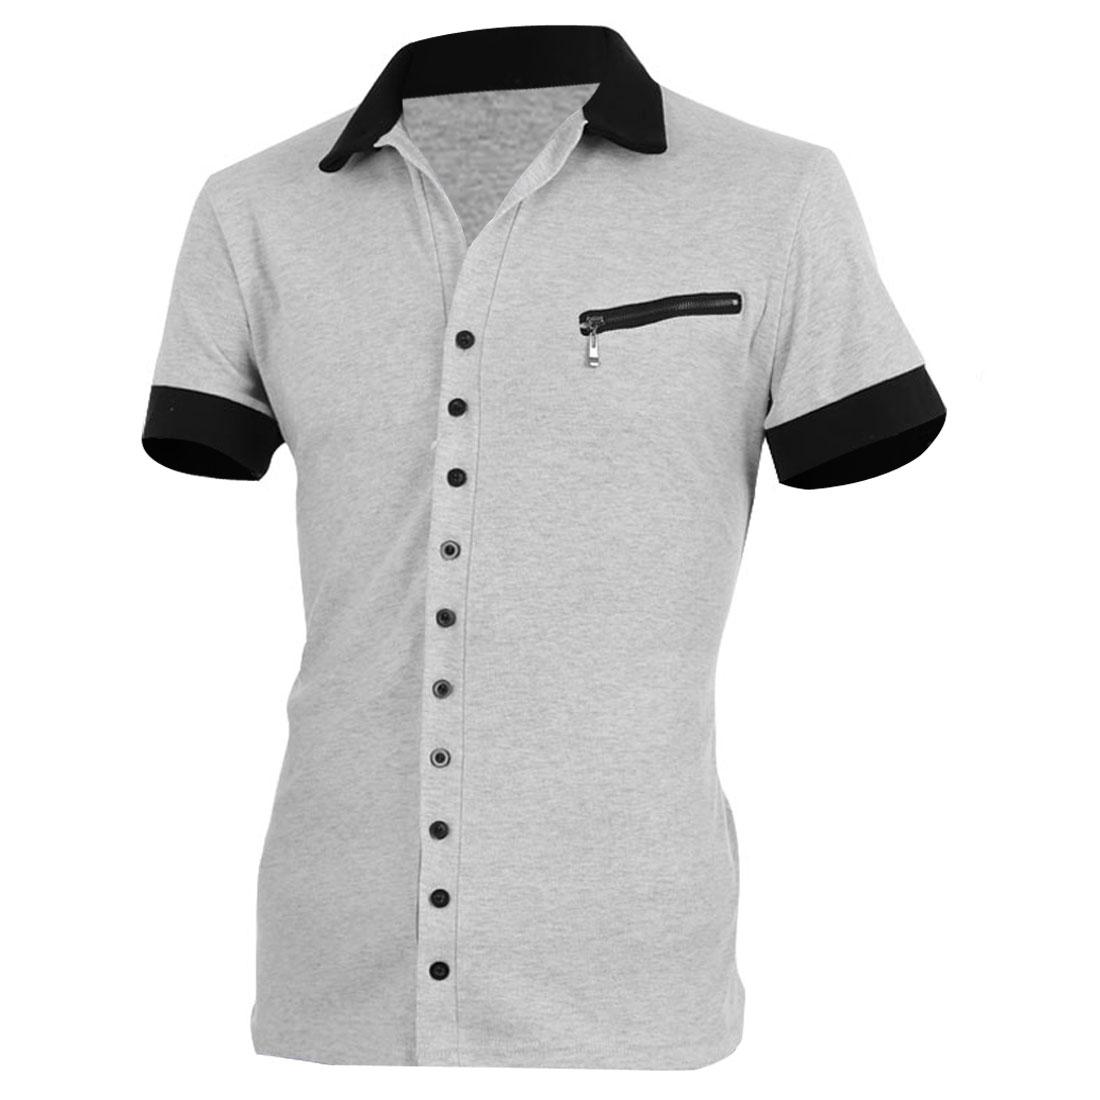 Men Point Collar Front Button Closure Short Sleeve Shirt Light Gray L